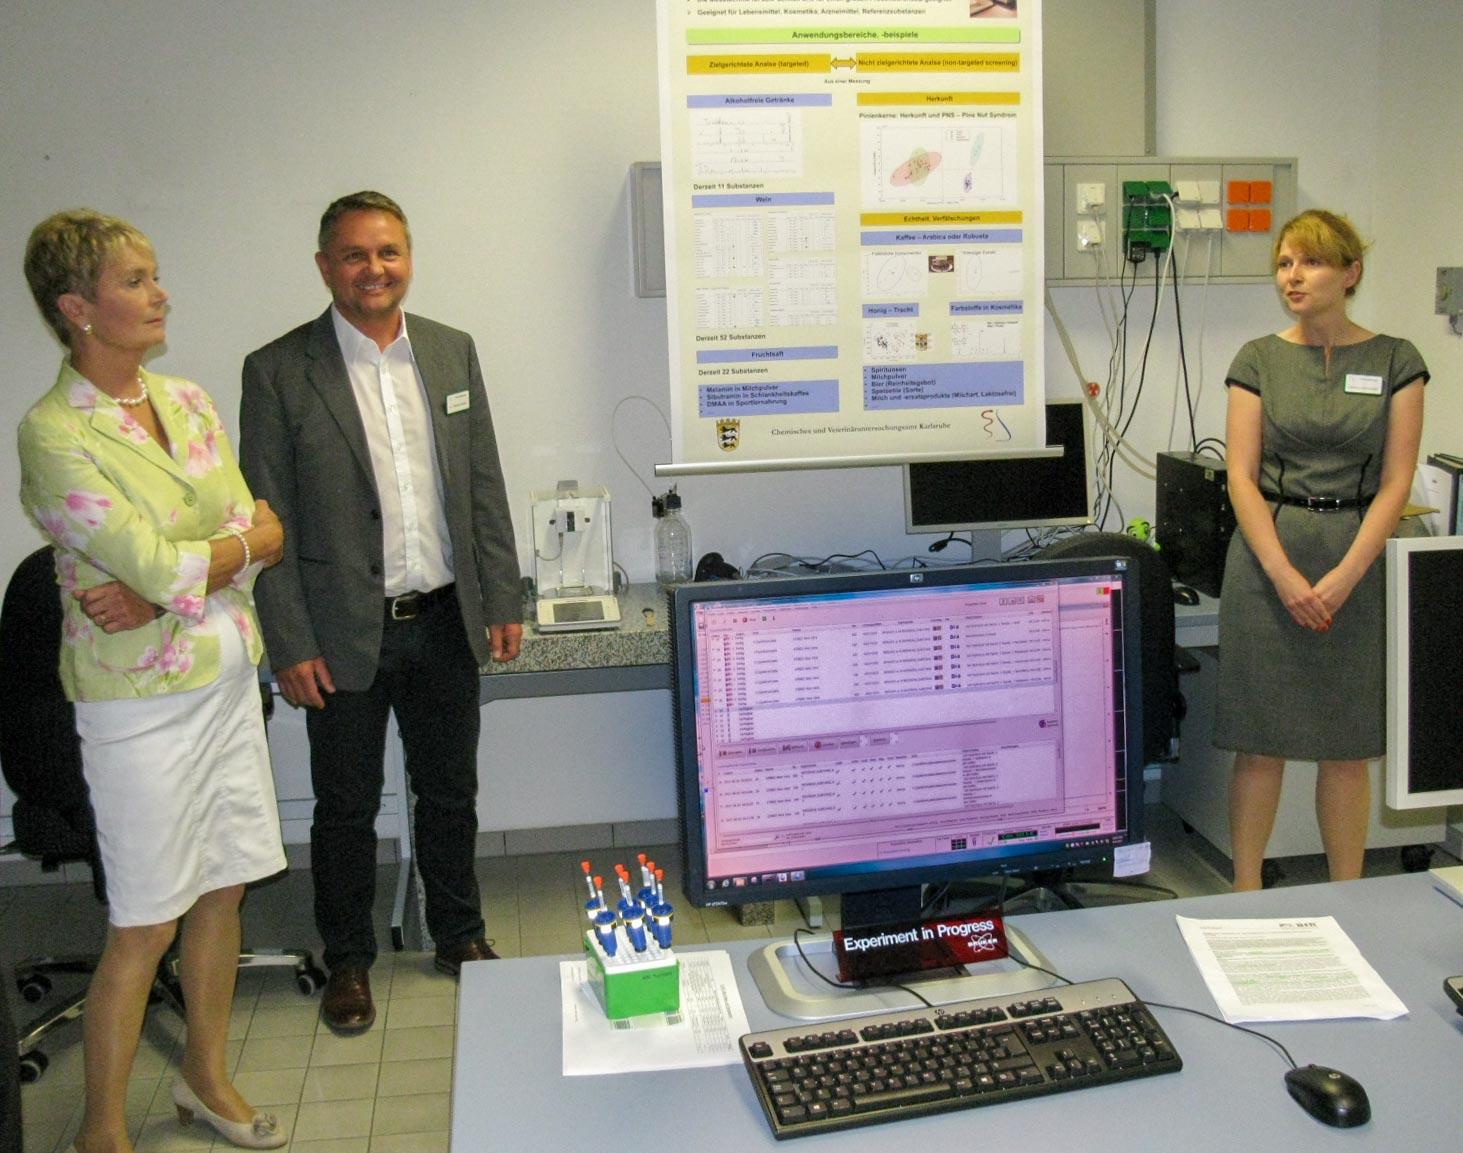 Frau Sommerfeld und Herr Dr. Kuballa stellen Frau Gurr-Hirsch die Echtheitsbestimmung von Spirituosen im NMR-Labor vor. (Foto: CVUA Karlsruhe).